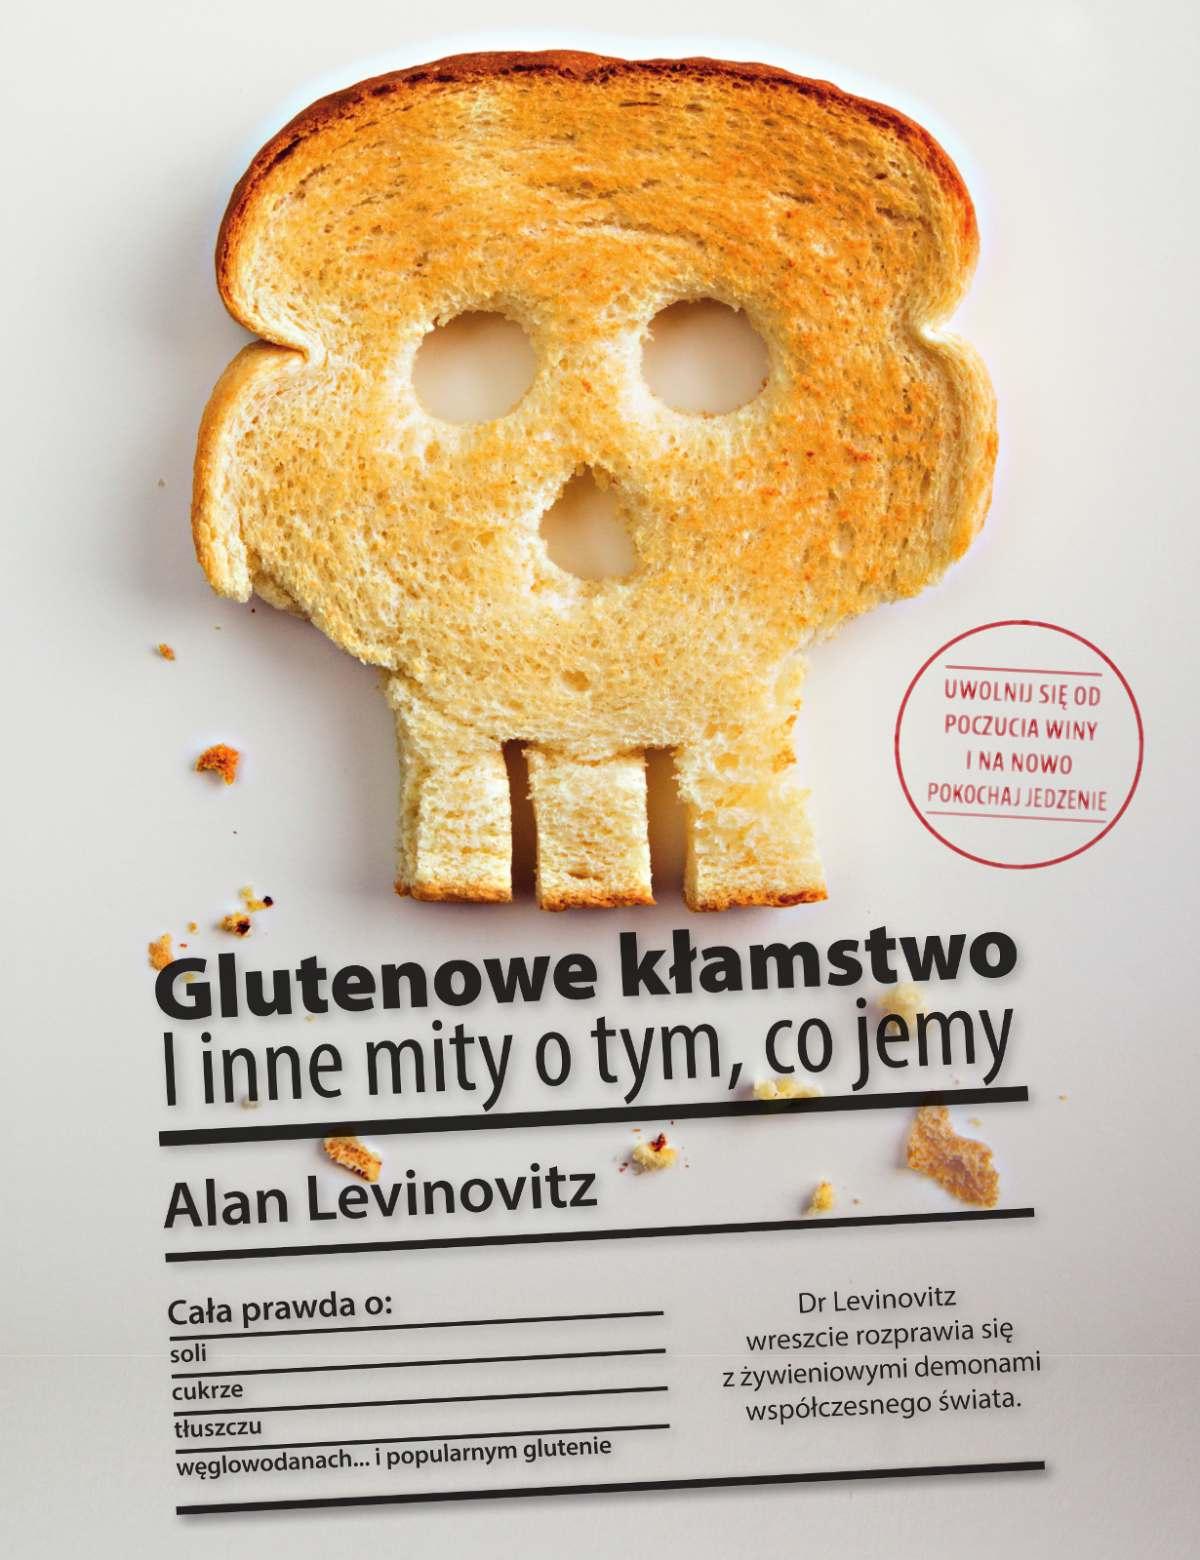 Glutenowe kłamstwo. I inne mity o tym, co jemy - Ebook (Książka EPUB) do pobrania w formacie EPUB